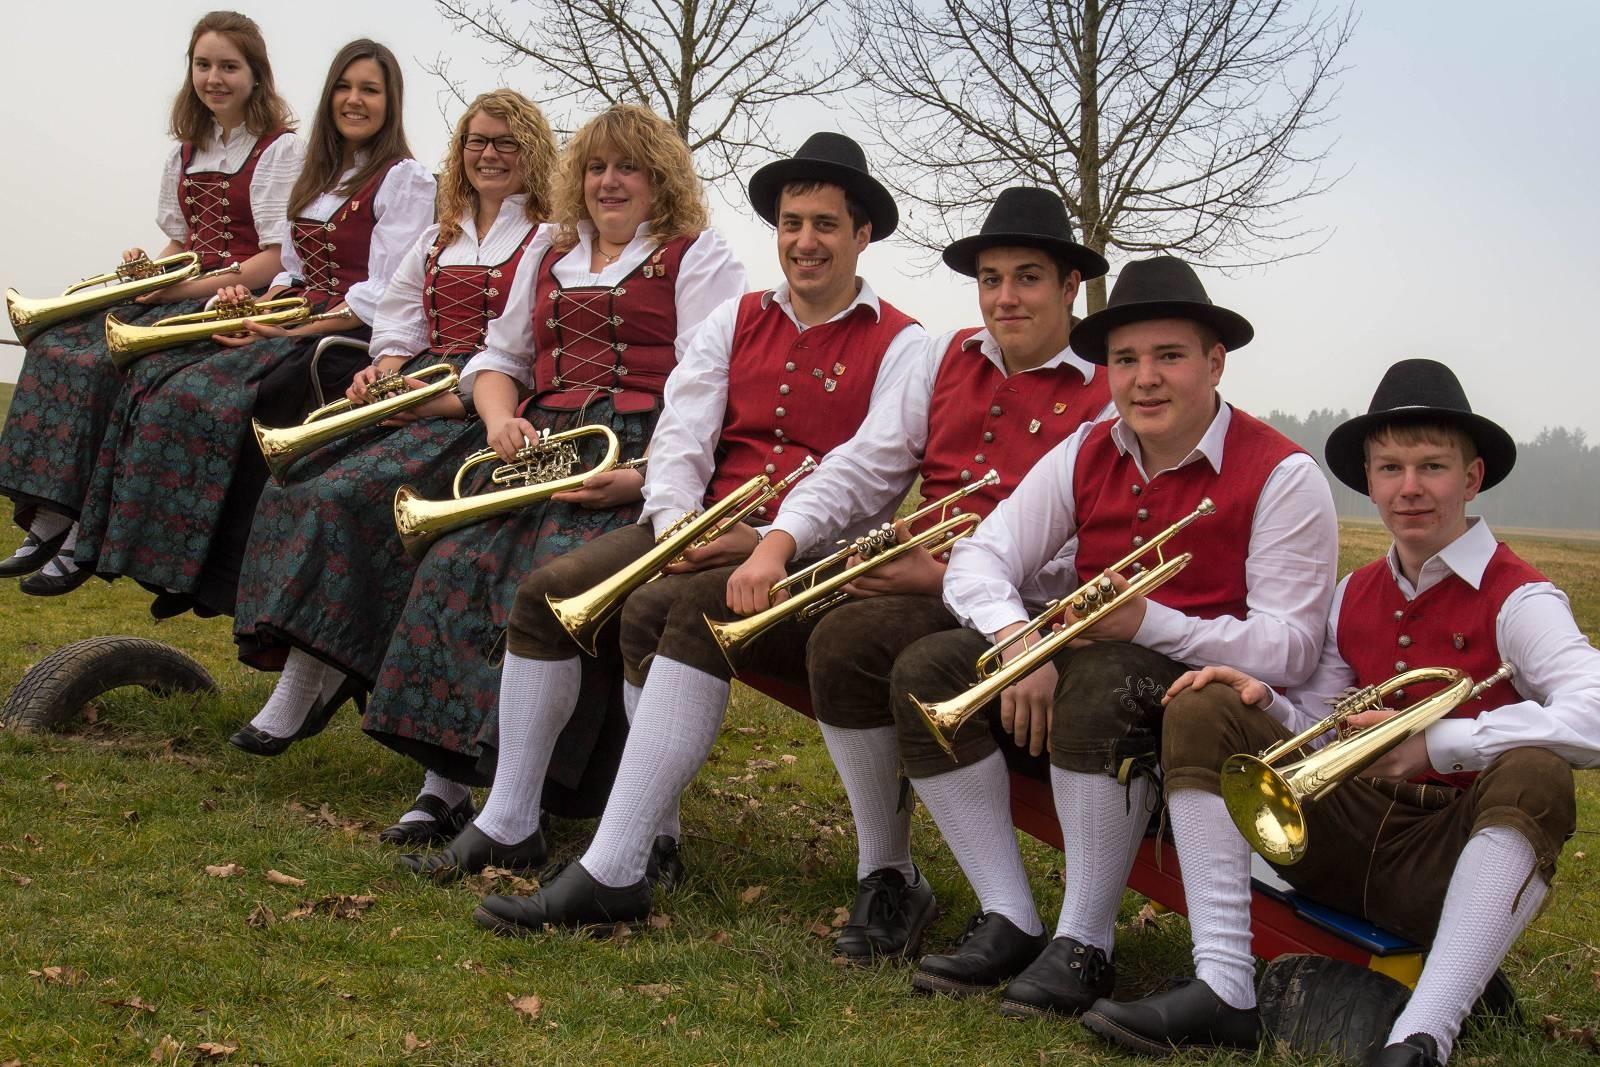 von links: Katja Maier, Lena Muck, Kathrin Betz, Petra Schuhwerk, Daniel Schedel, Patrick Wörz, Cedric Schreiber, Rainer Müller